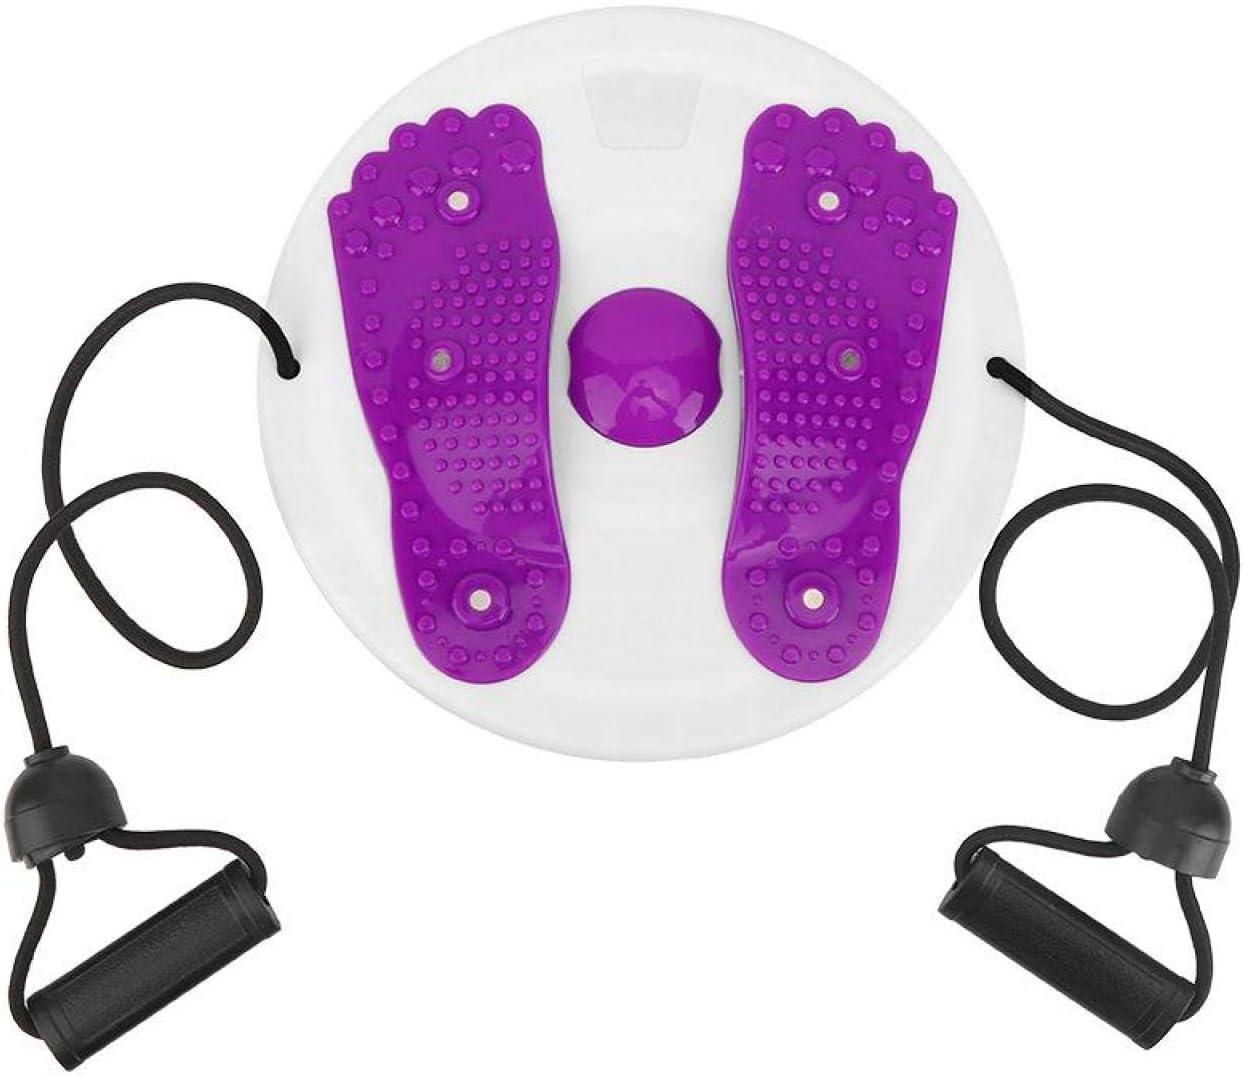 CUTULAMO Three Anti-Skid Pads Purple 10.6in Fitness Waist Twisti